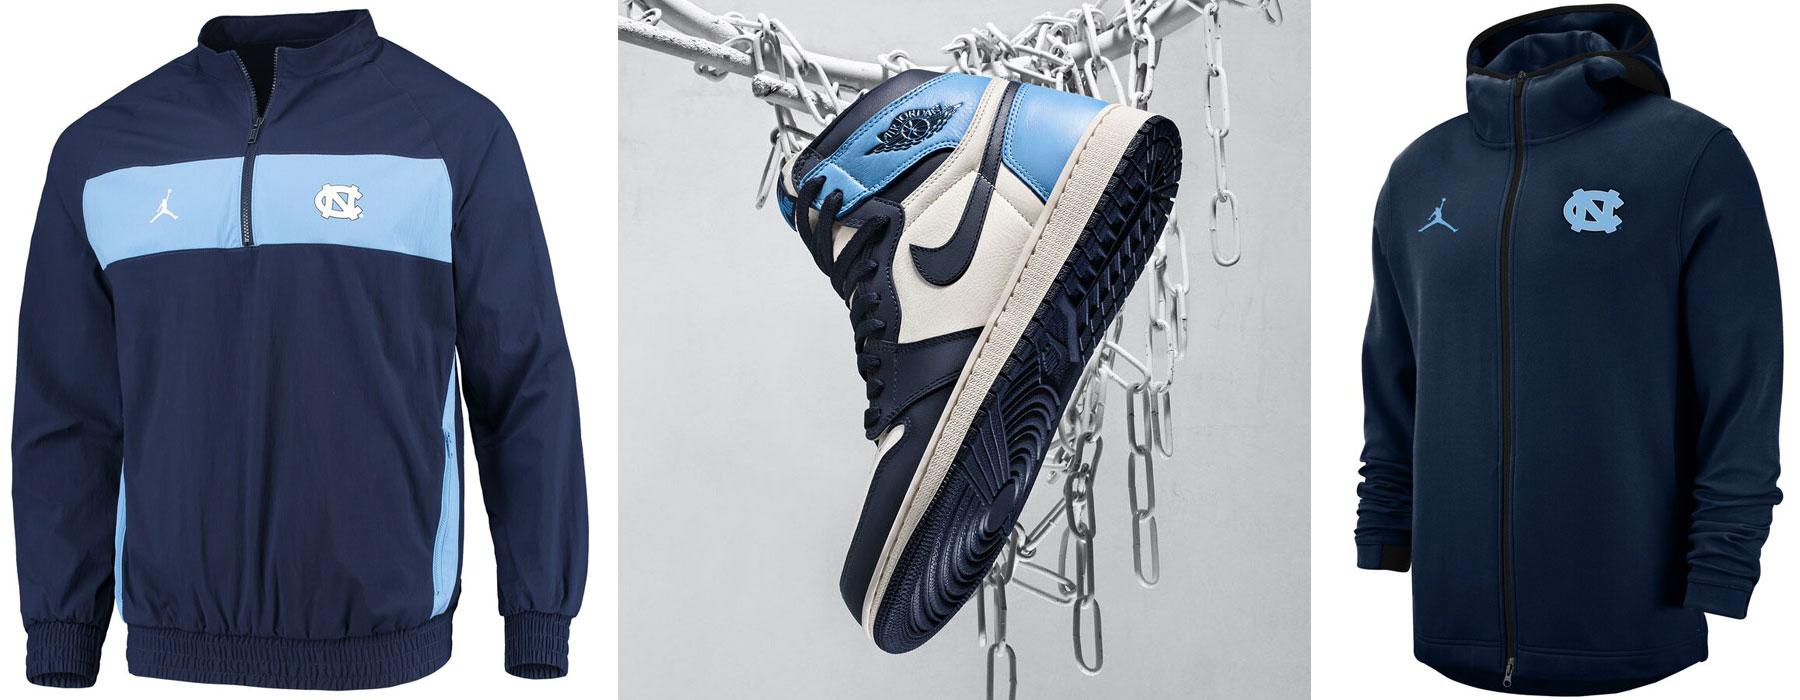 air-jordan-1-unc-hoodie-jacket-match